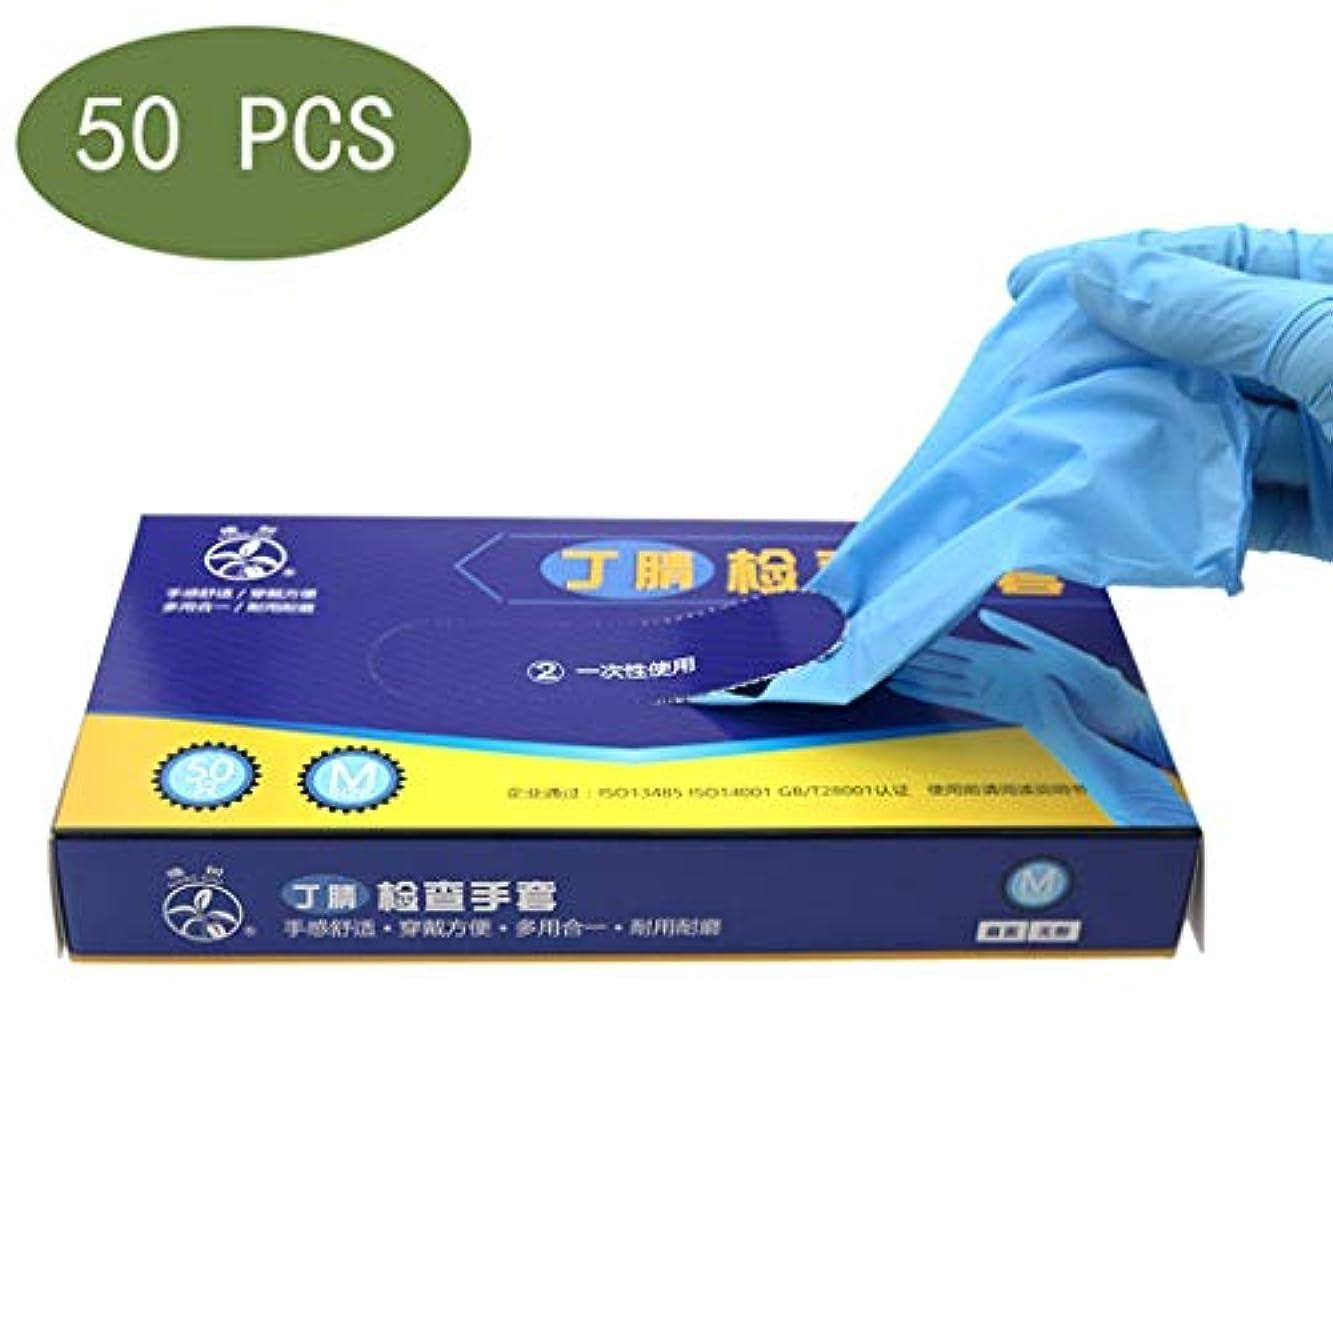 多用途拡散するマダム保護用使い捨てニトリル医療用手袋、4ミル、ラテックスフリー、試験グレードの手袋、テクスチャード加工、両性、非滅菌、50個入り (Size : S)